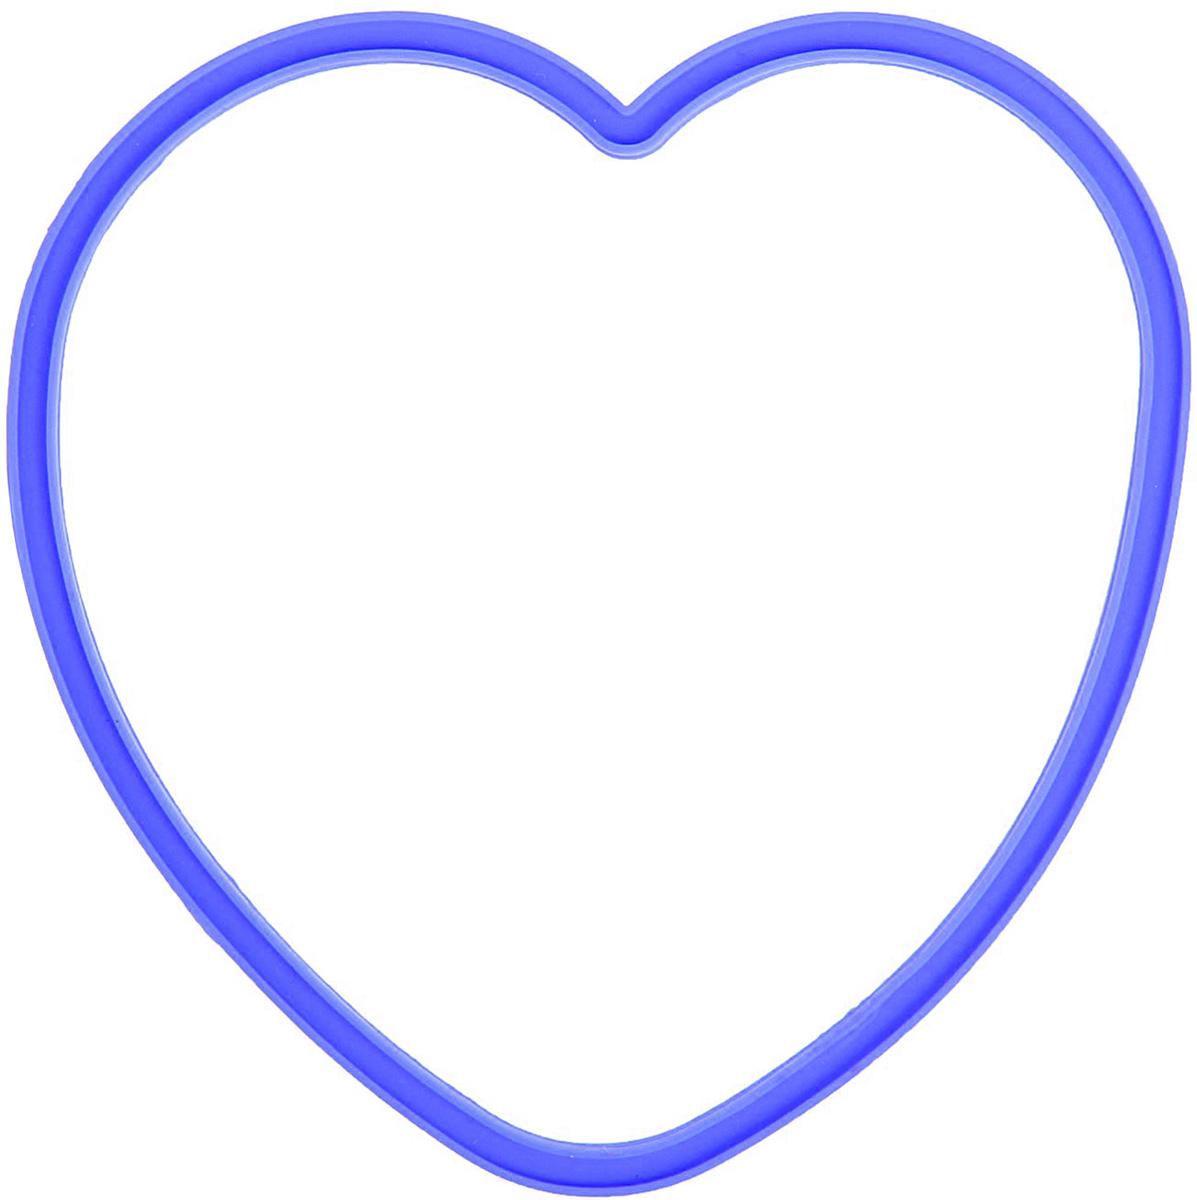 Форма для яичницы и блинов Доляна Любовь, цвет: синий, 12 х 11 см811917Вкусные блины, оладьи, омлеты и яичницы нравятся всем. Сделать хорошо знакомые блюда поводом для кулинарной гордости поможет специальная форма из силикона. Как ей пользоваться? налейте на сковороду масло и поставьте на средний огонь, расположите форму в центре и наполните её тестом или разбейте внутрь яйцо, обжаривайте до готовности. Силикон обладает важными достоинствами: выдерживает температуру от -40 до +230 °C; не обжигает руки при готовке; легко отмывается, в том числе в посудомоечной машине; благодаря высокой гибкости и прочности служит долгое время.